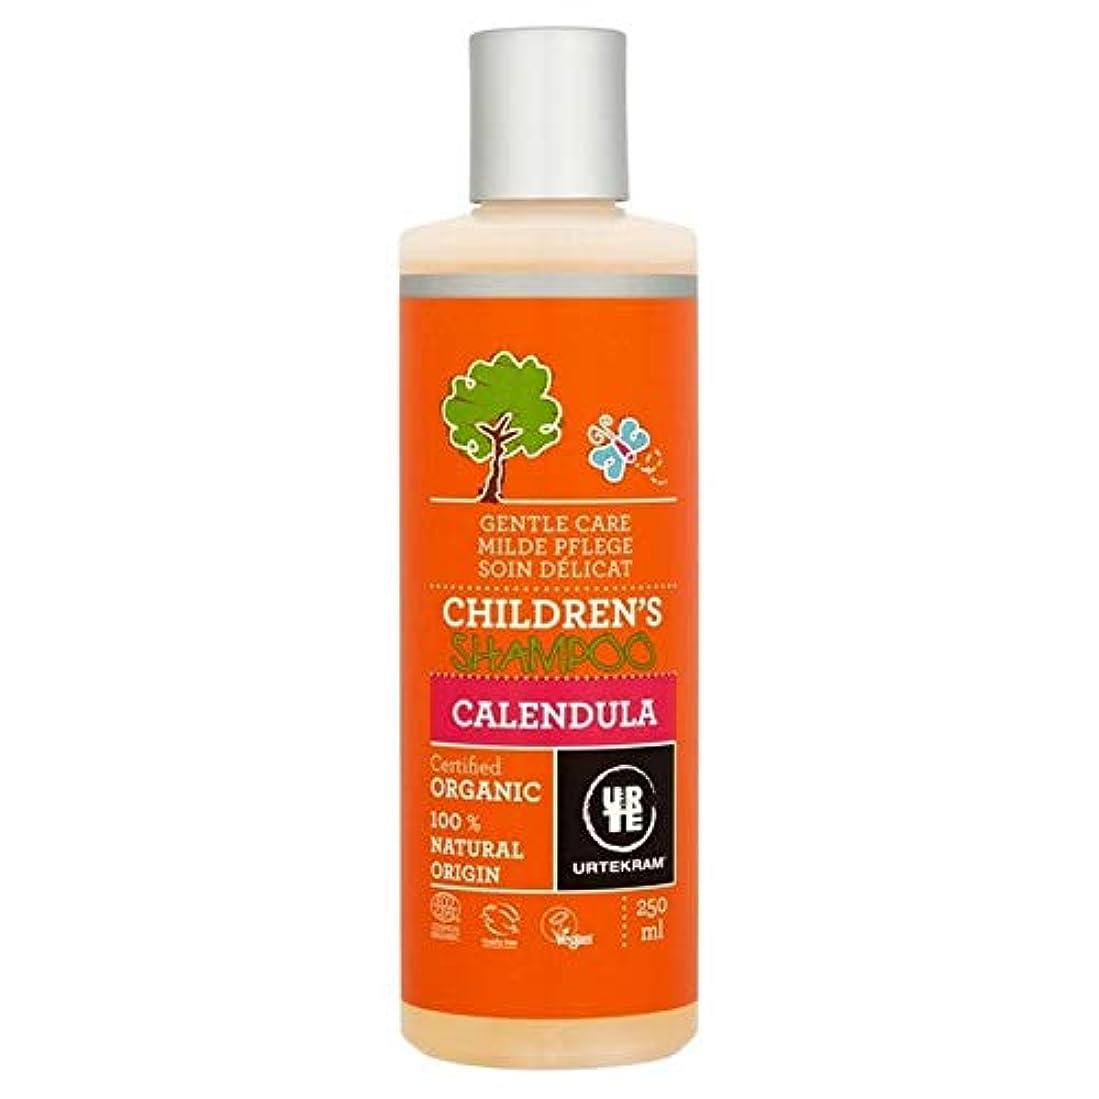 週間バルコニー良い[Urtekram] Urtekram子供のシャンプーキンセンカ香りなしの250ミリリットル - Urtekram Children's Shampoo Calendula No Fragrance 250ml [並行輸入品]